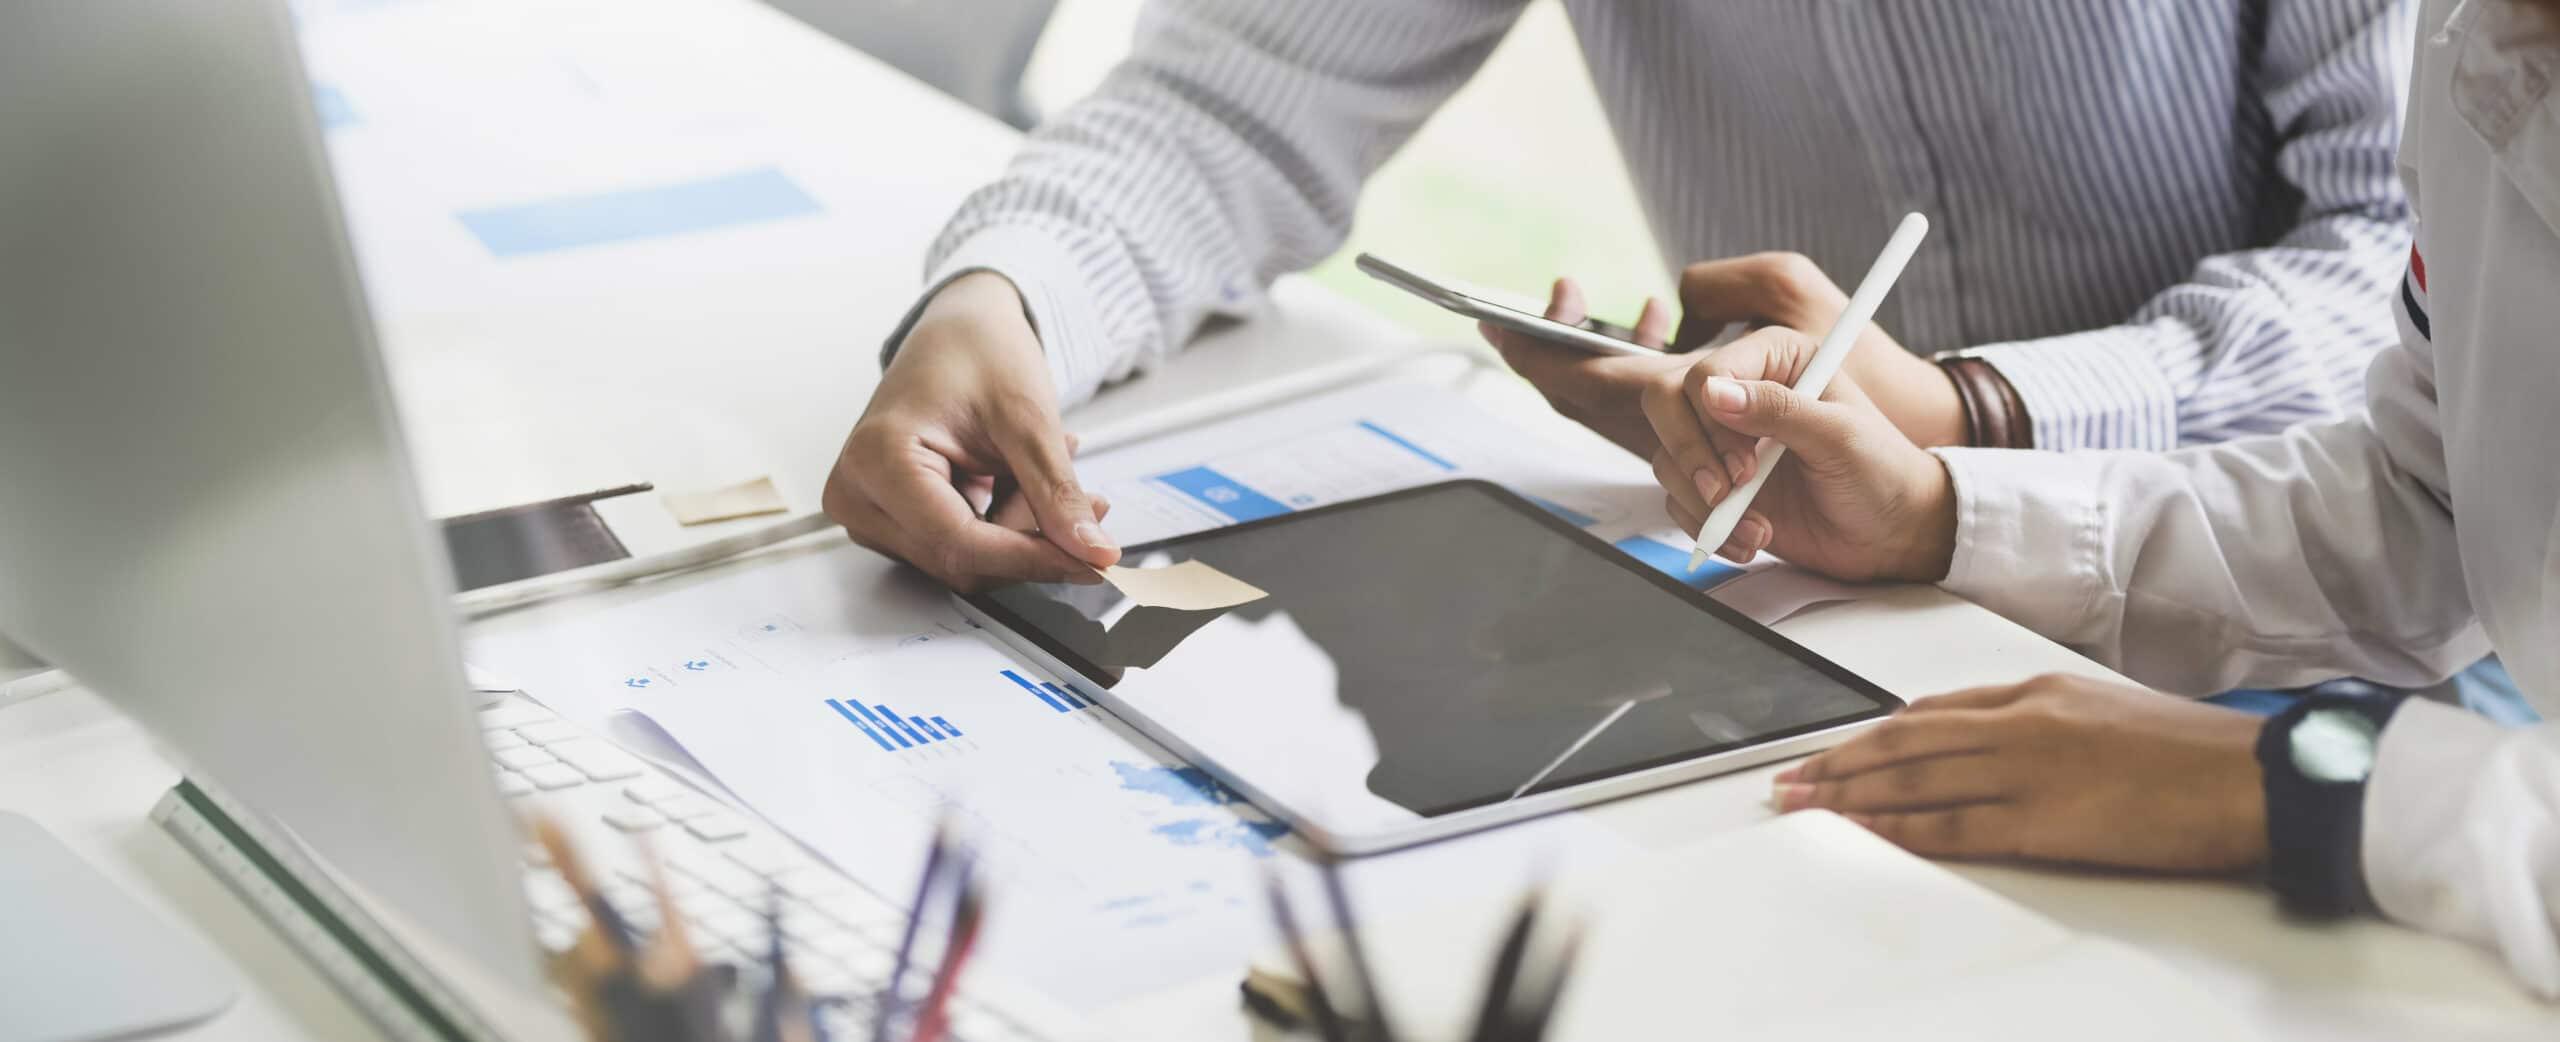 Spółka komandytowa – co warto wiedzieć zmieniając jej umowę?